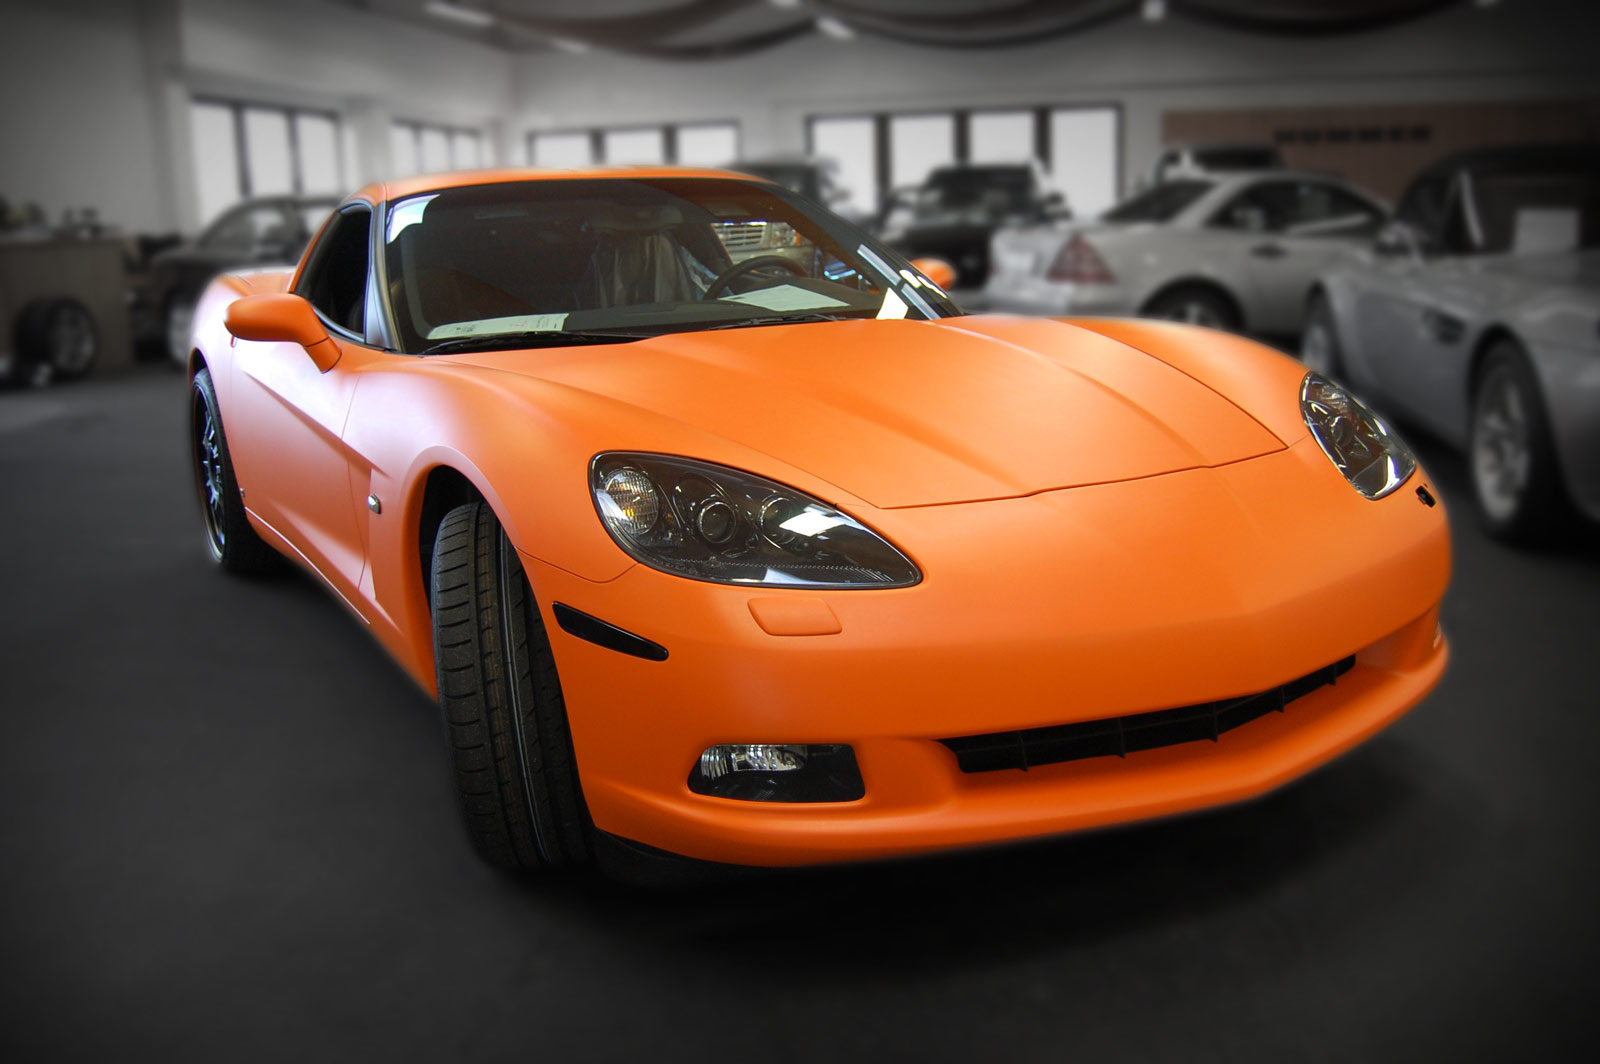 Diese Corvette wurde direkt im Autohaus mit orange matter Folie beklebt.